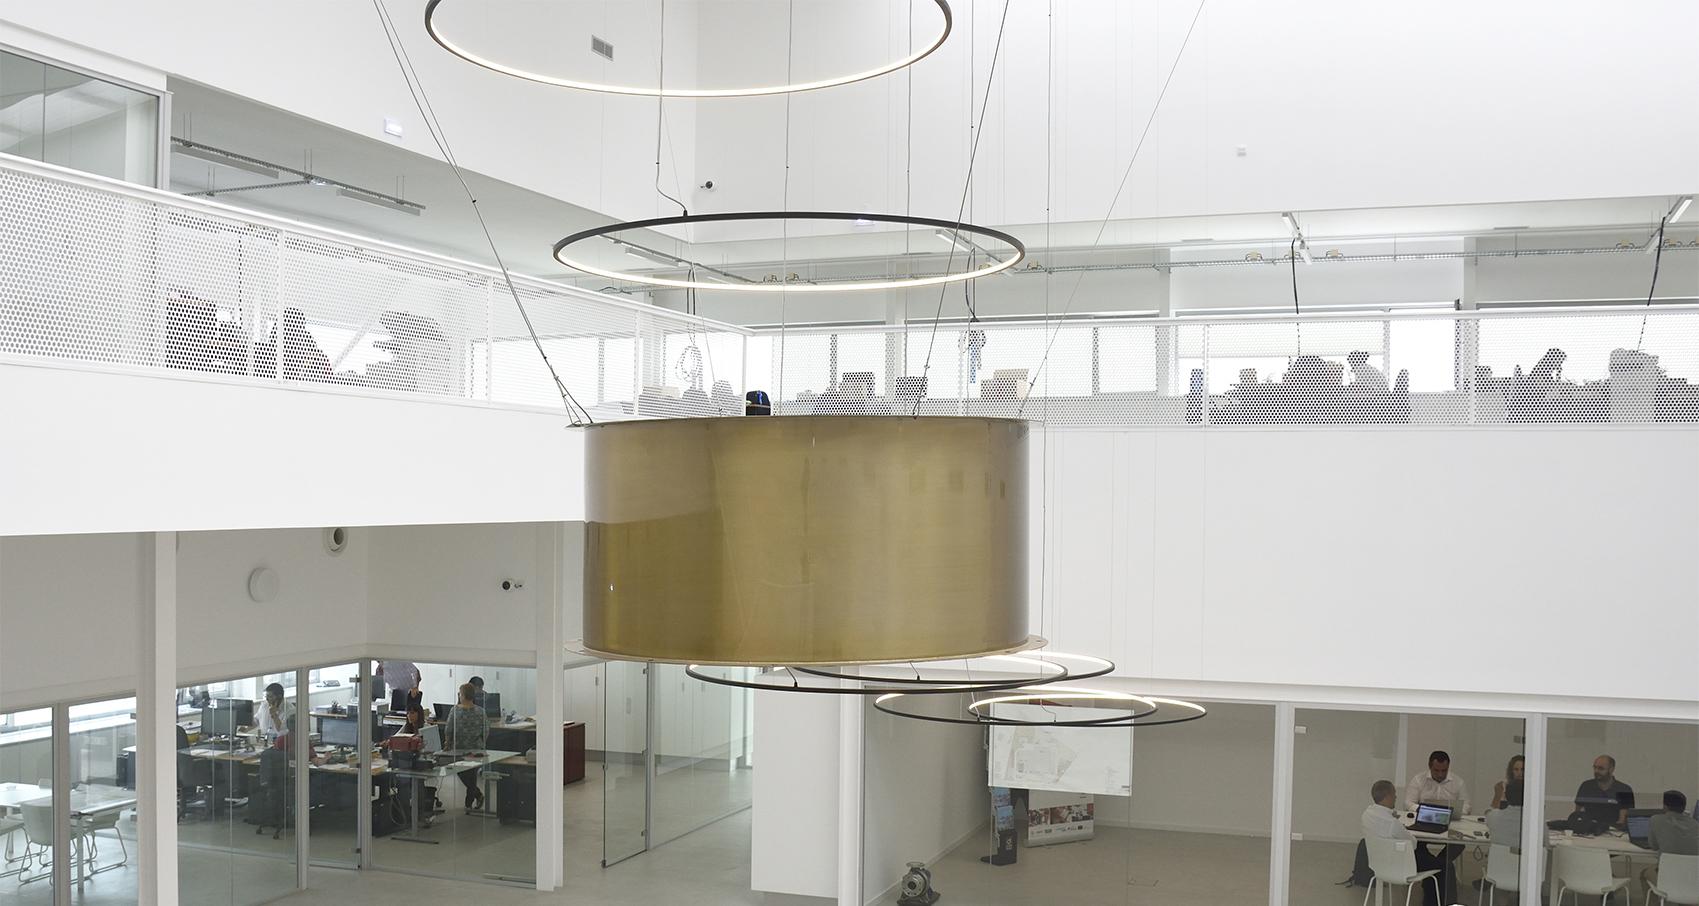 Novas instalações EFAFLU - Bombas e Ventiladores S.A.